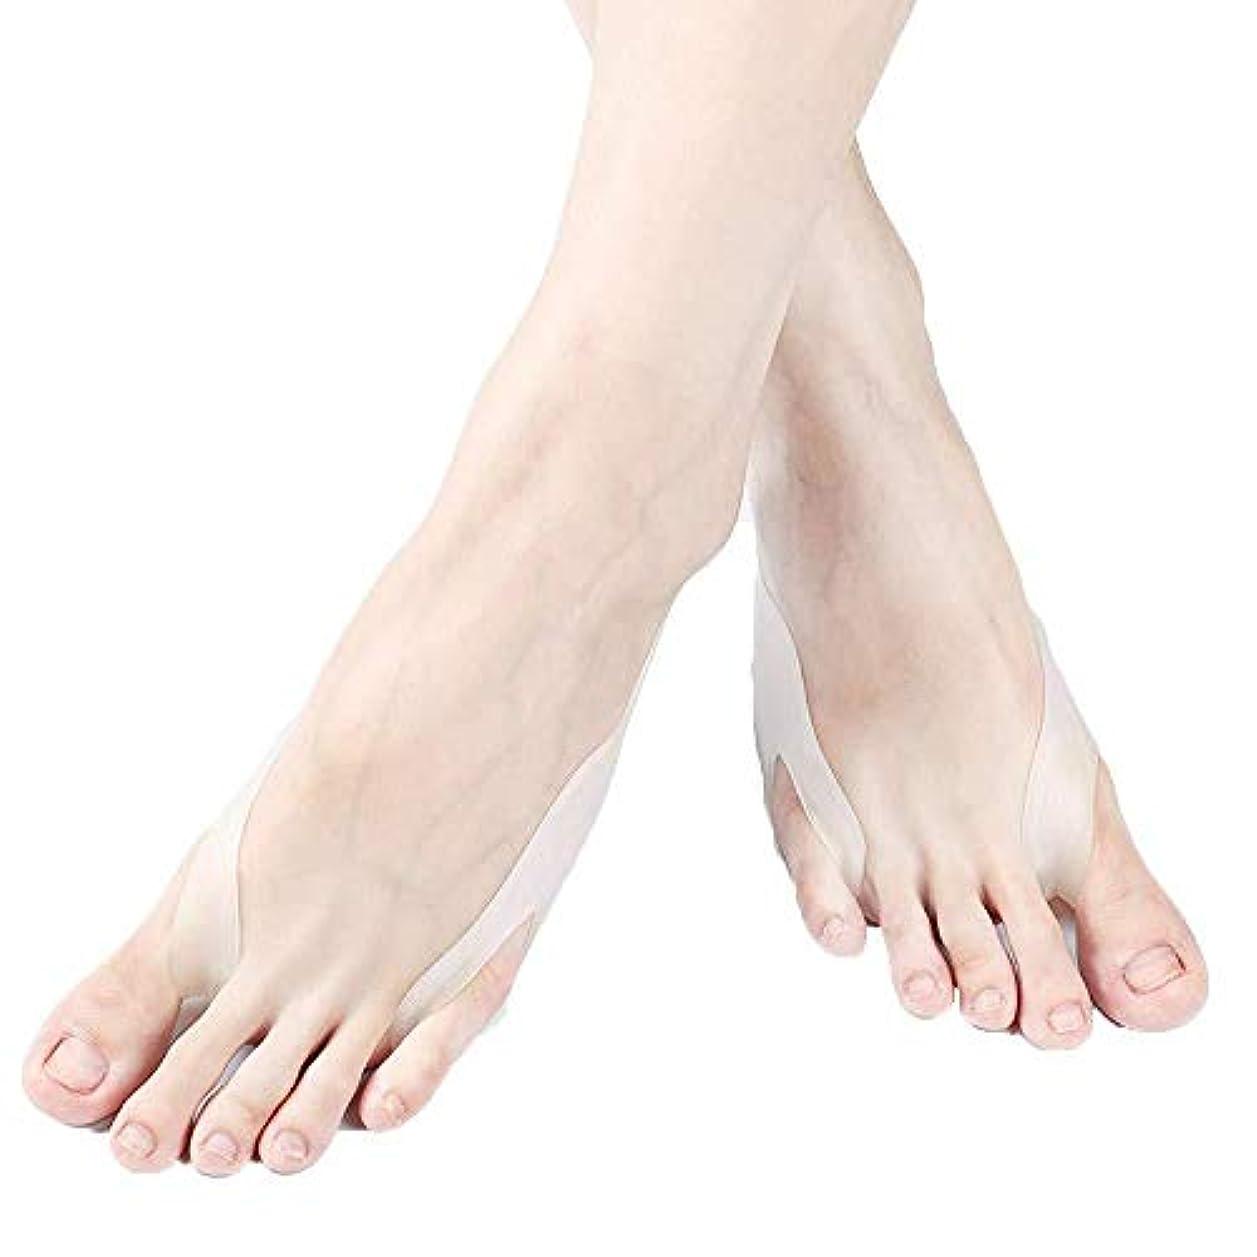 磨かれた滞在もちろんつま先セパレーター、男性用および女性用ソックスの爪先強度のための夜間および昼間の外反母パッド用のつま先矯正